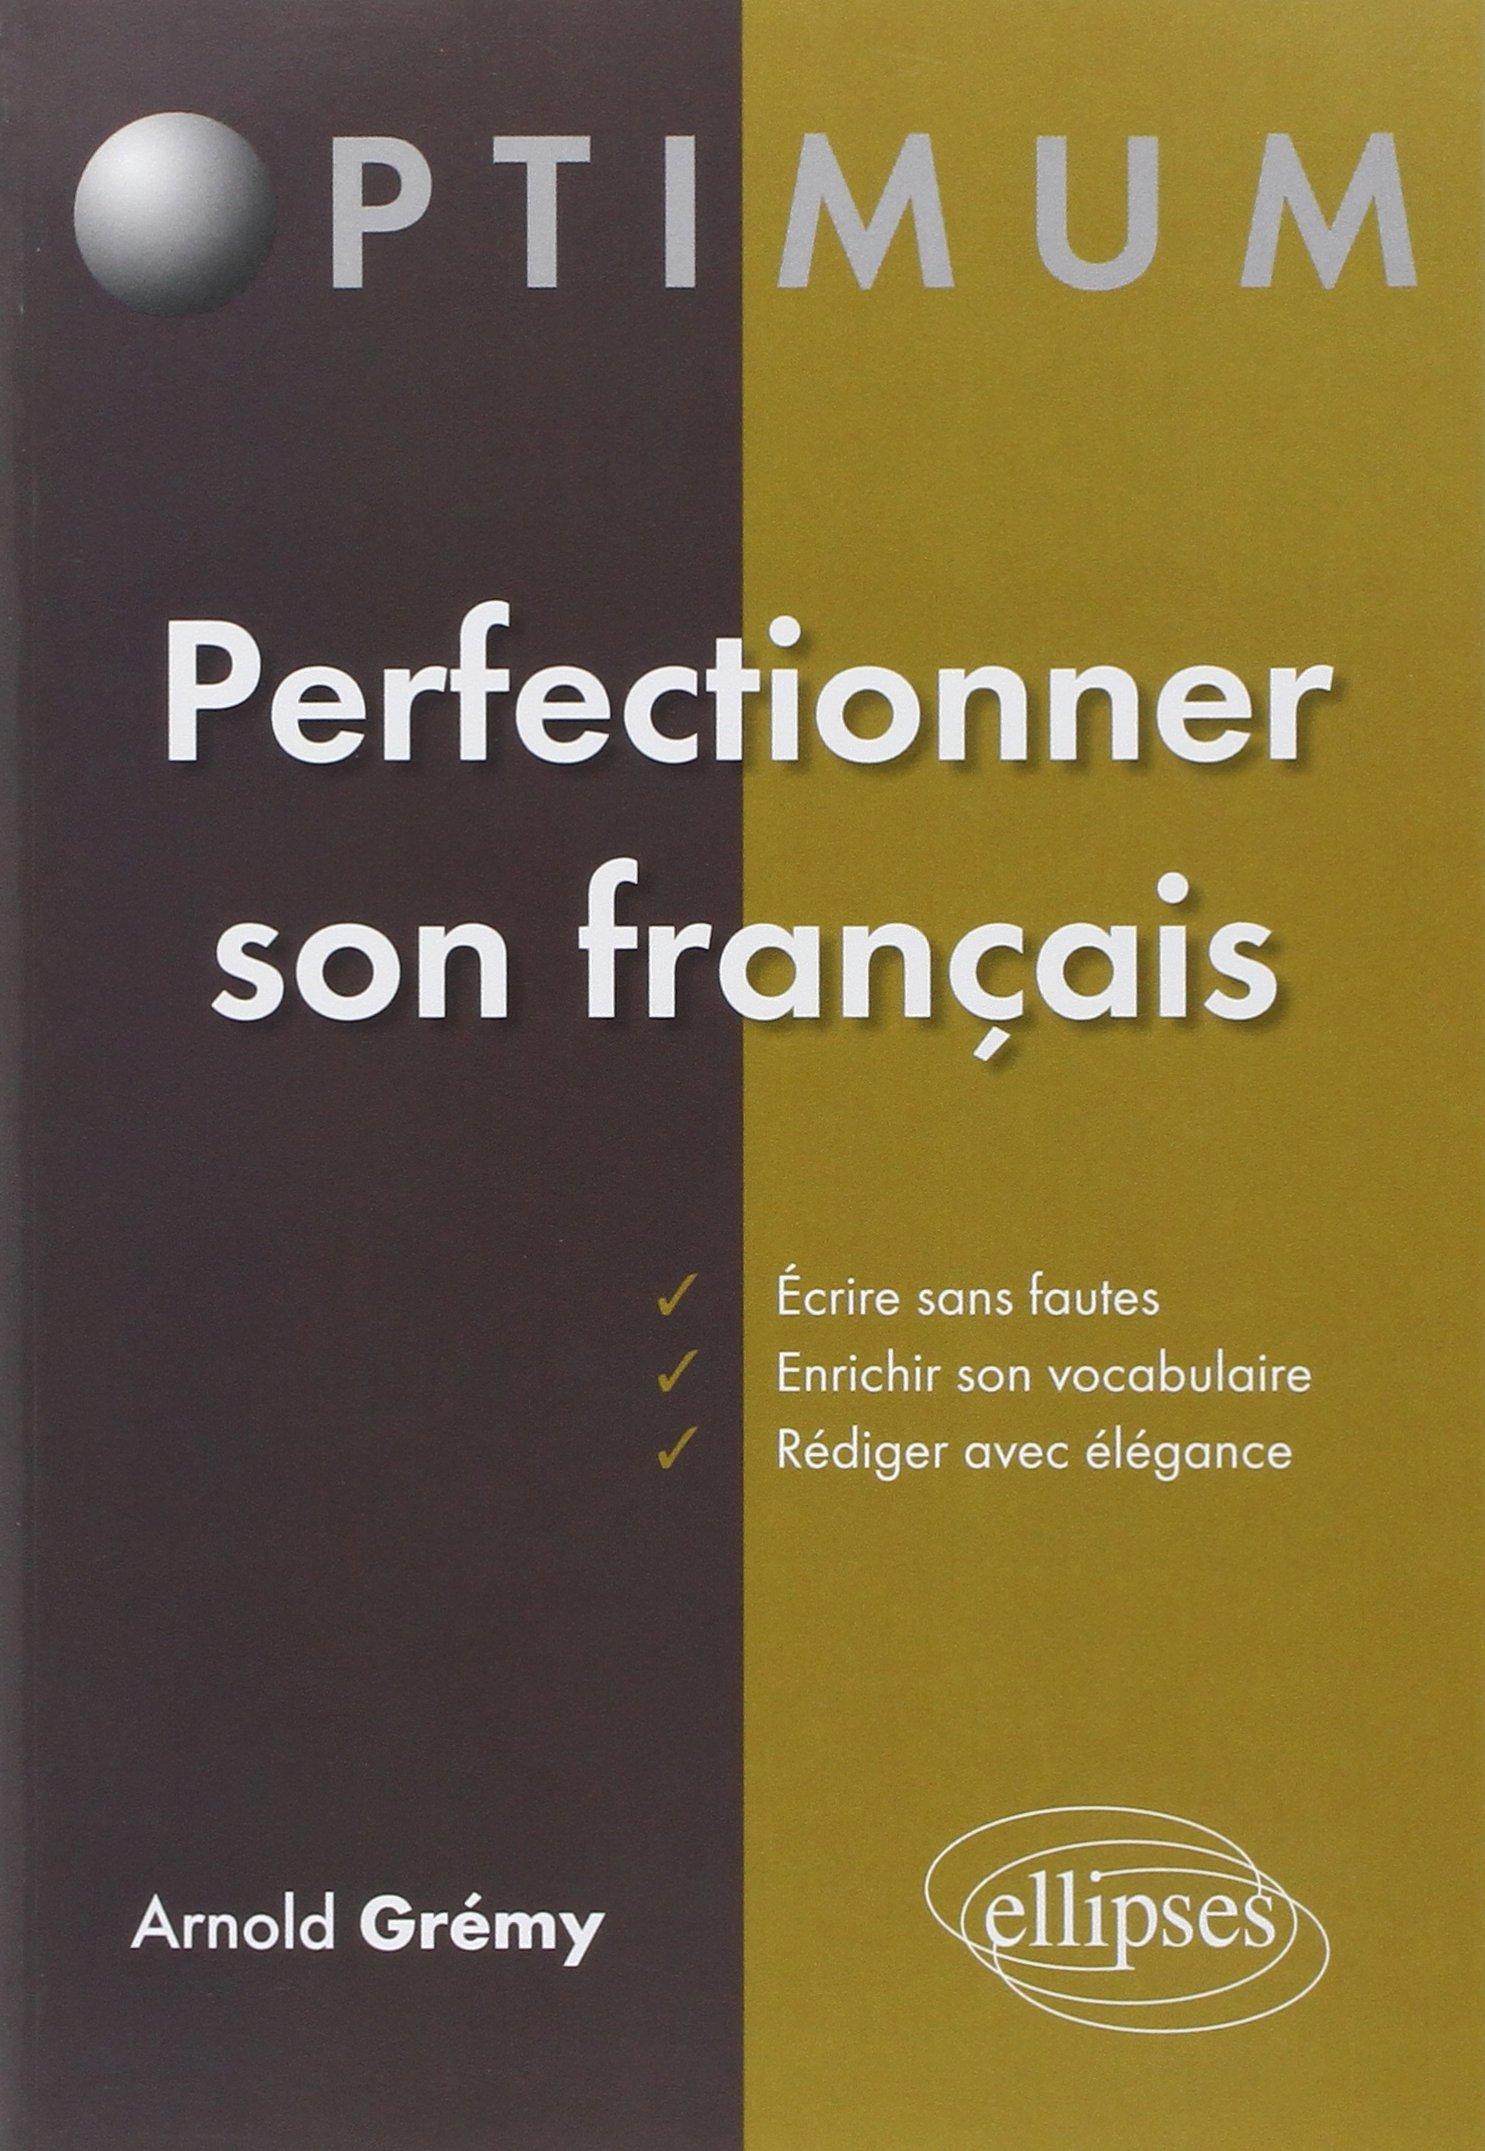 Amazon Fr Perfectionner Son Francais Ecrire Sans Fautes